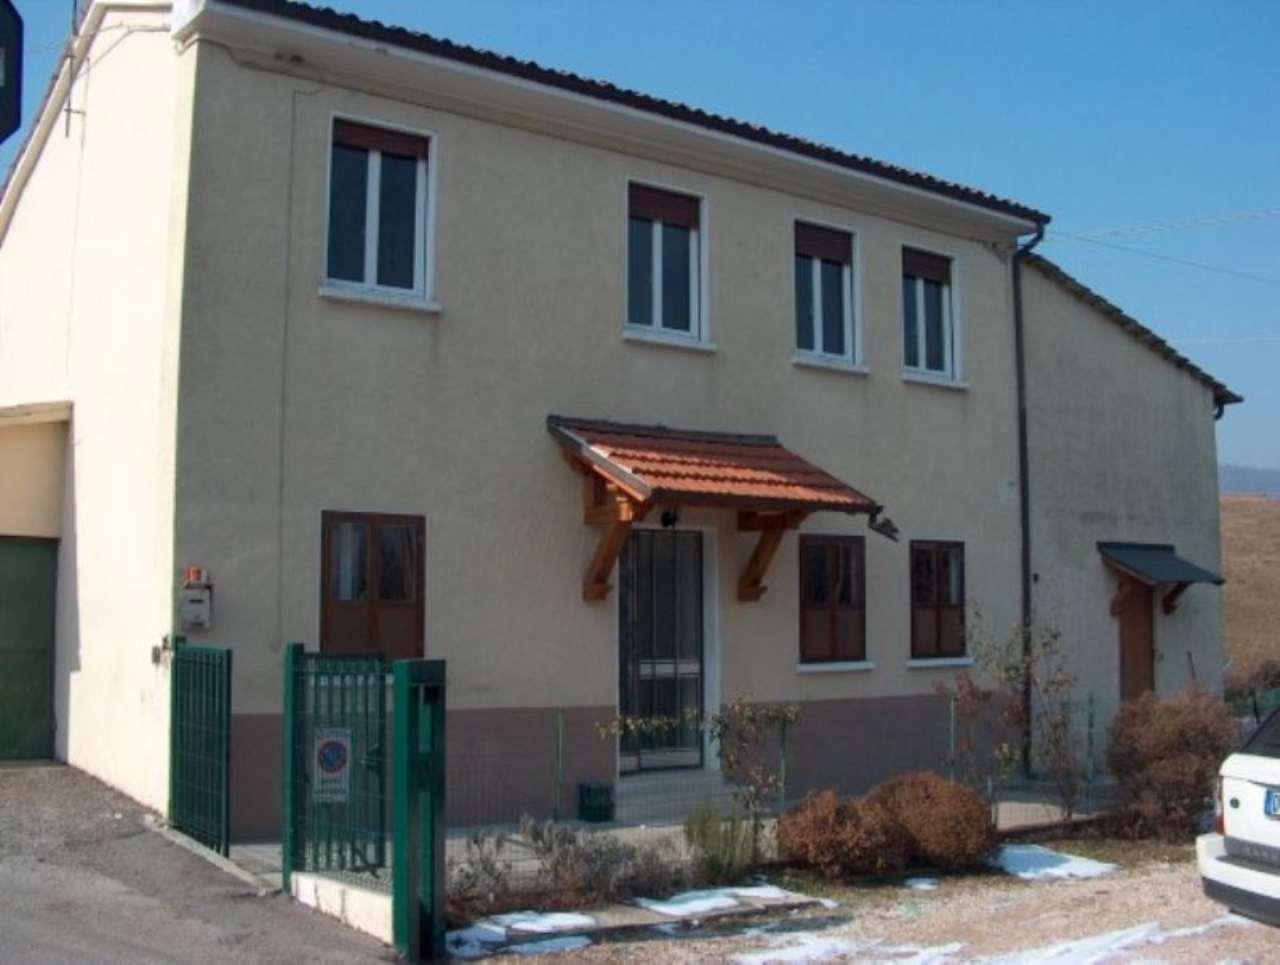 Villa in vendita a San Vito di Leguzzano, 6 locali, prezzo € 150.000 | Cambio Casa.it